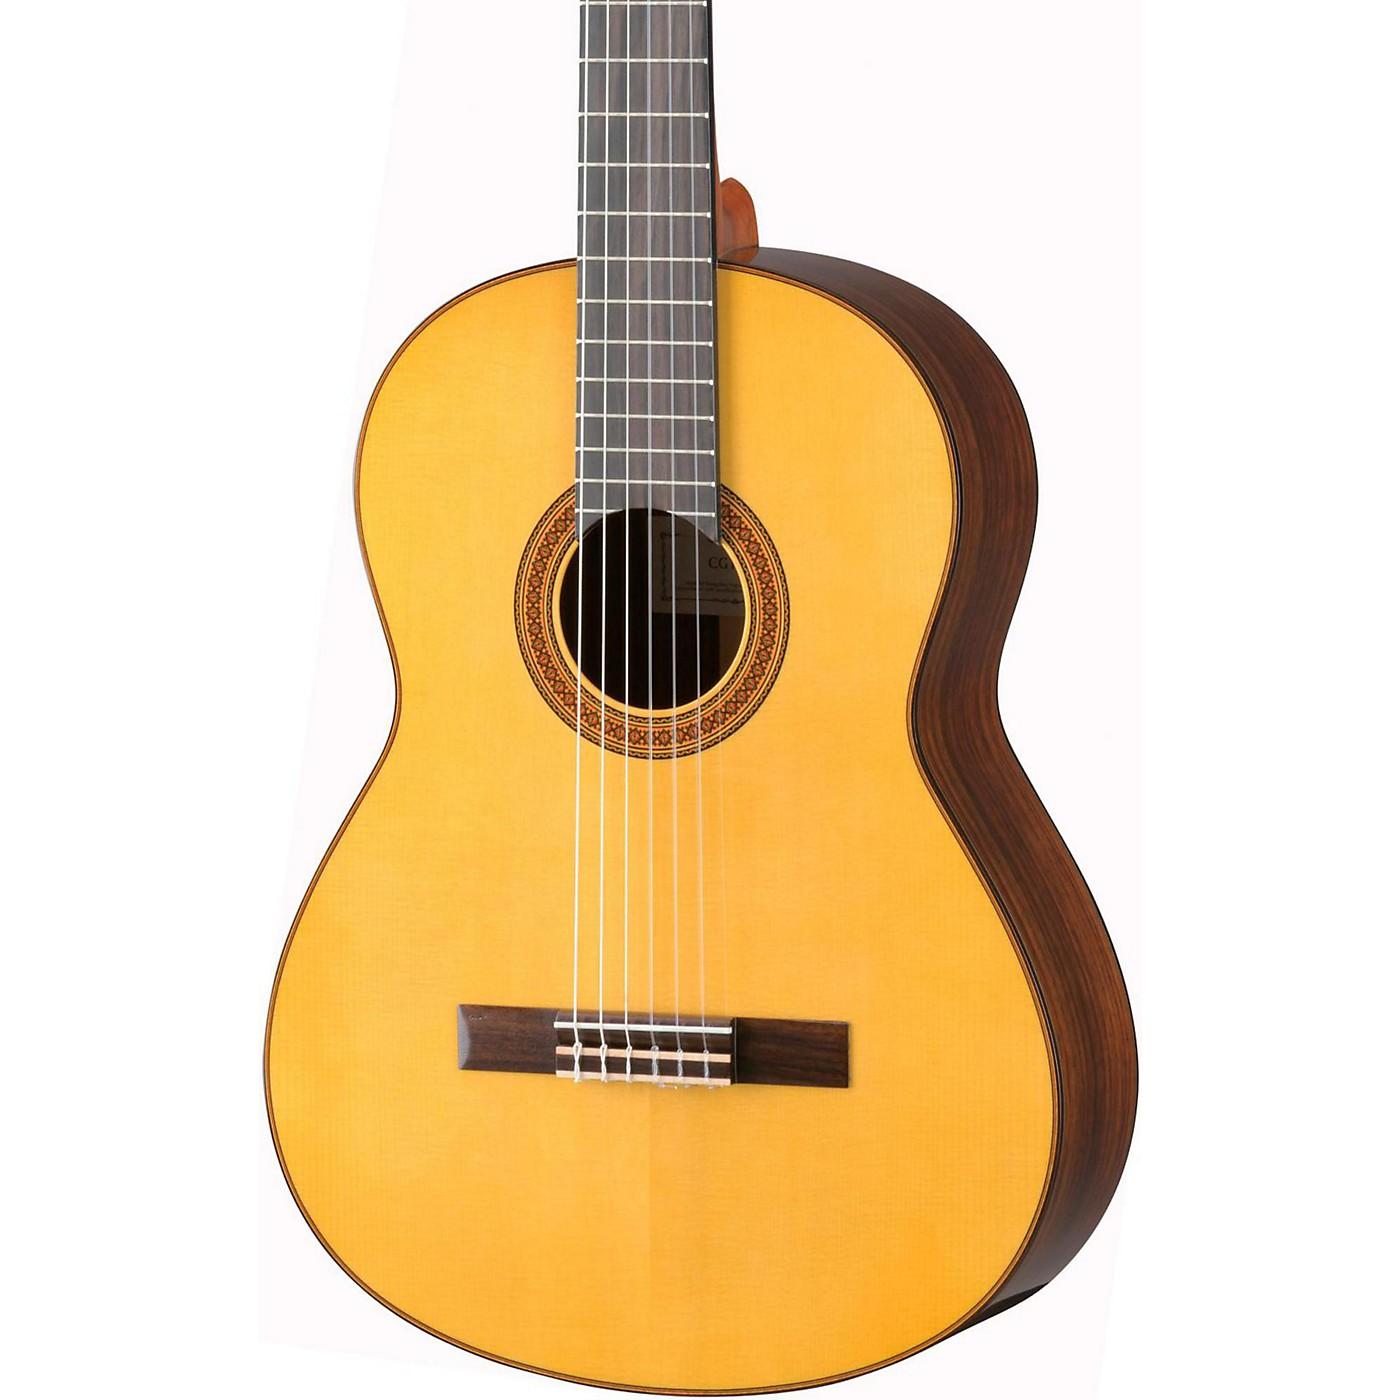 Yamaha CG182S Spruce Top Classical Guitar thumbnail